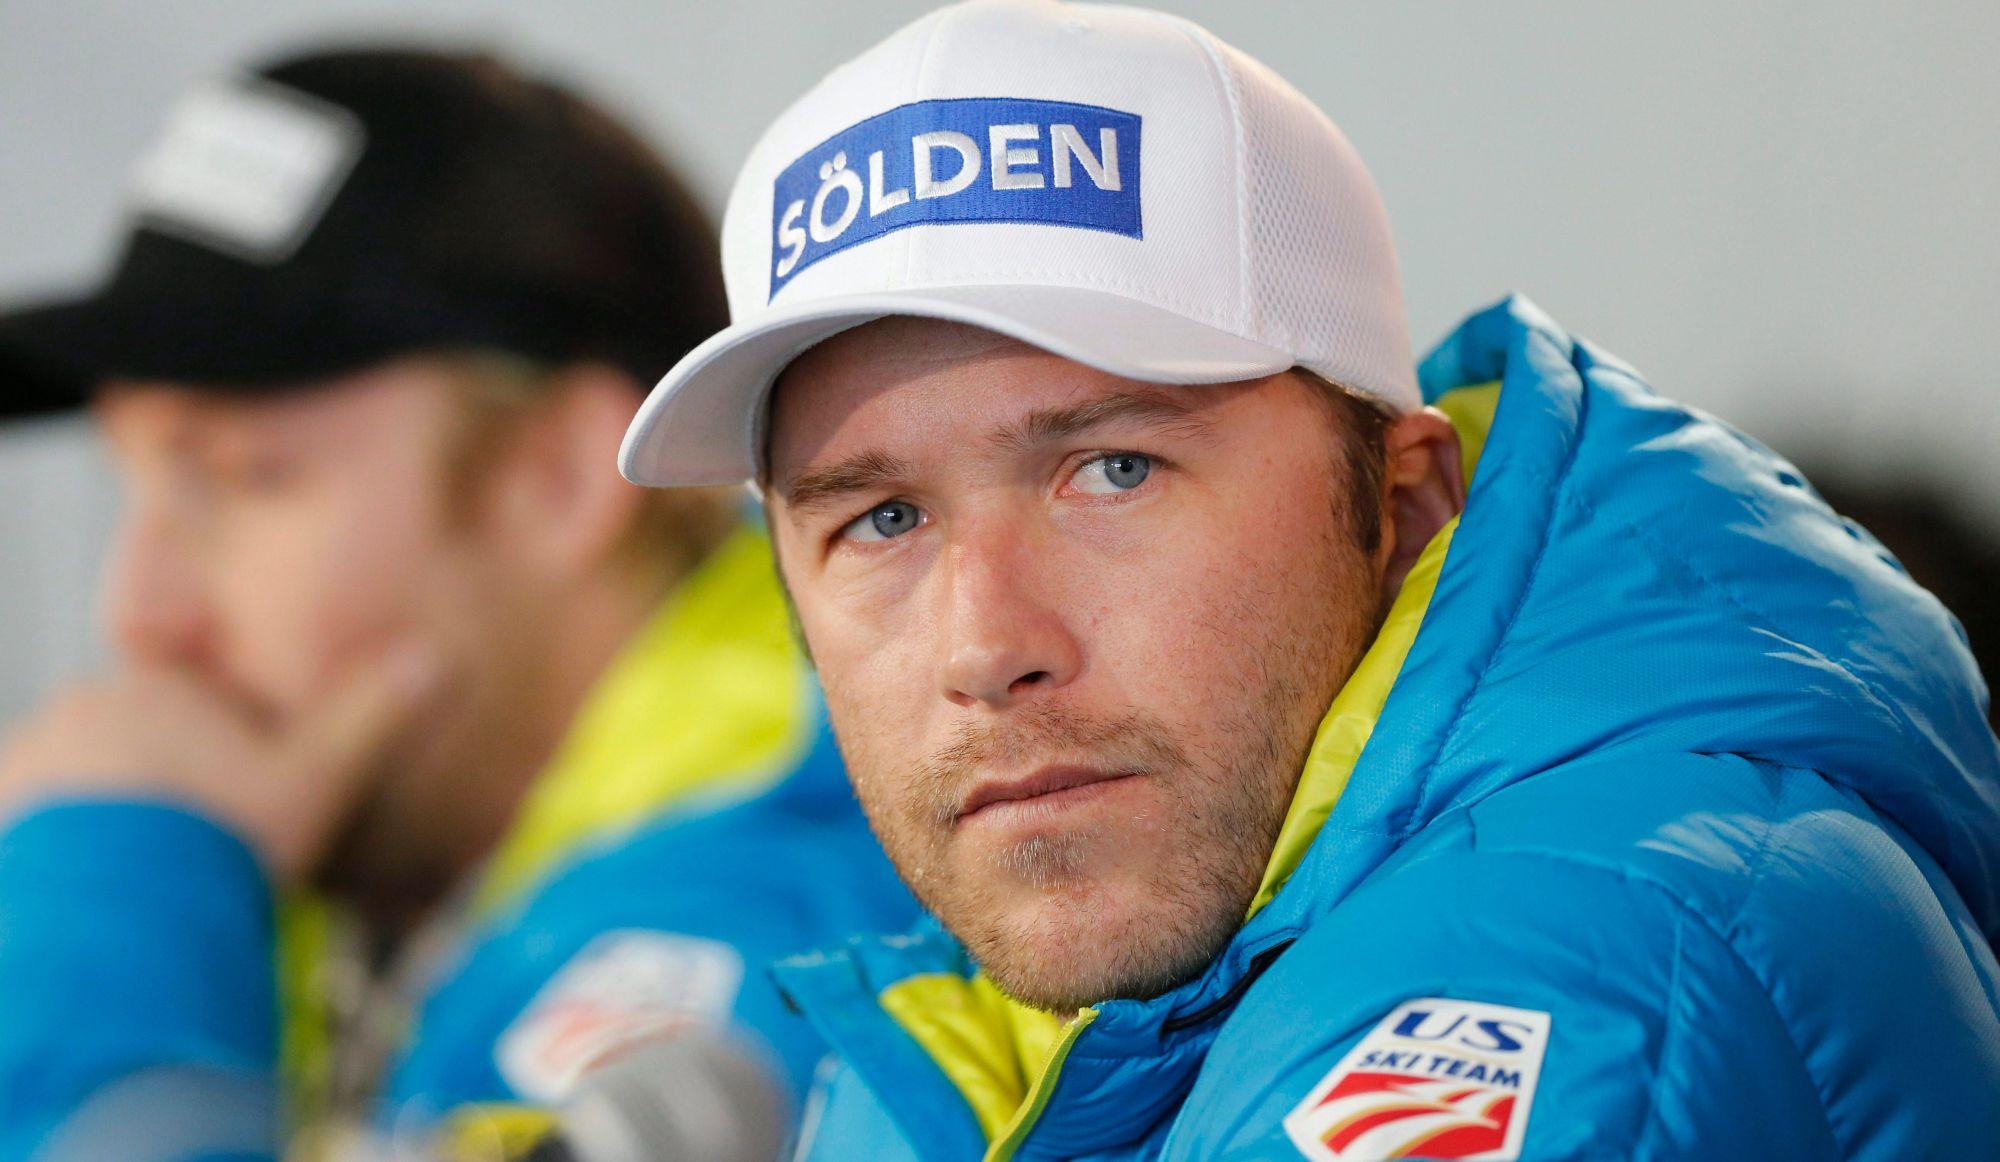 Une terrible tragédie affecte le skieur olympique Bode Miller